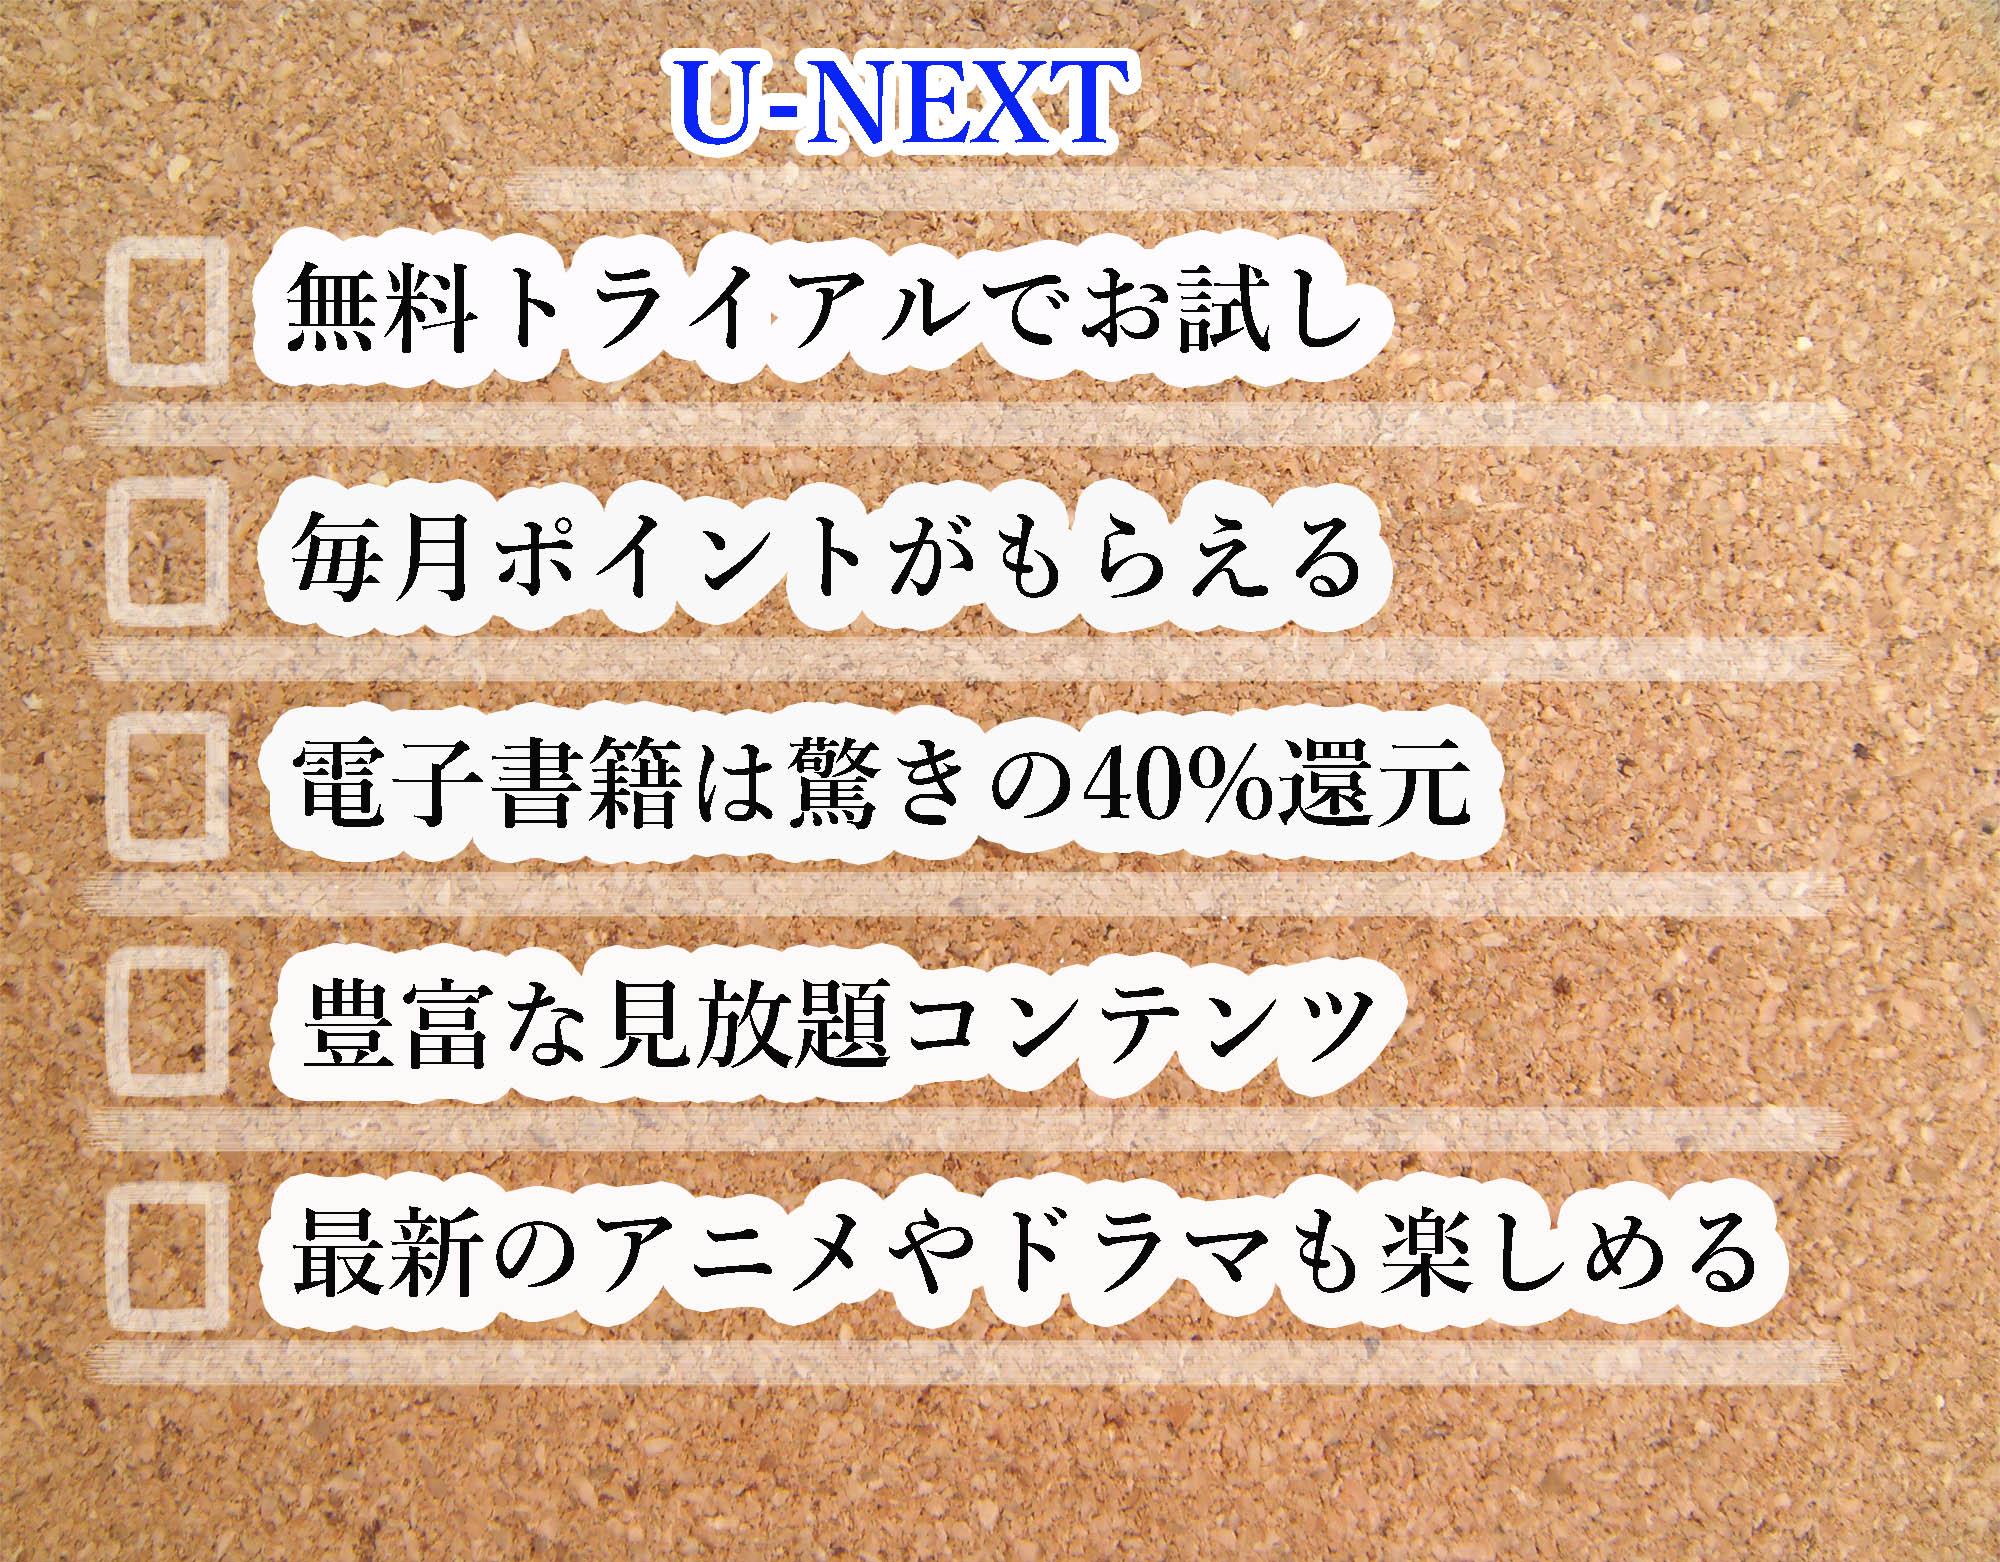 U-NEXT比較